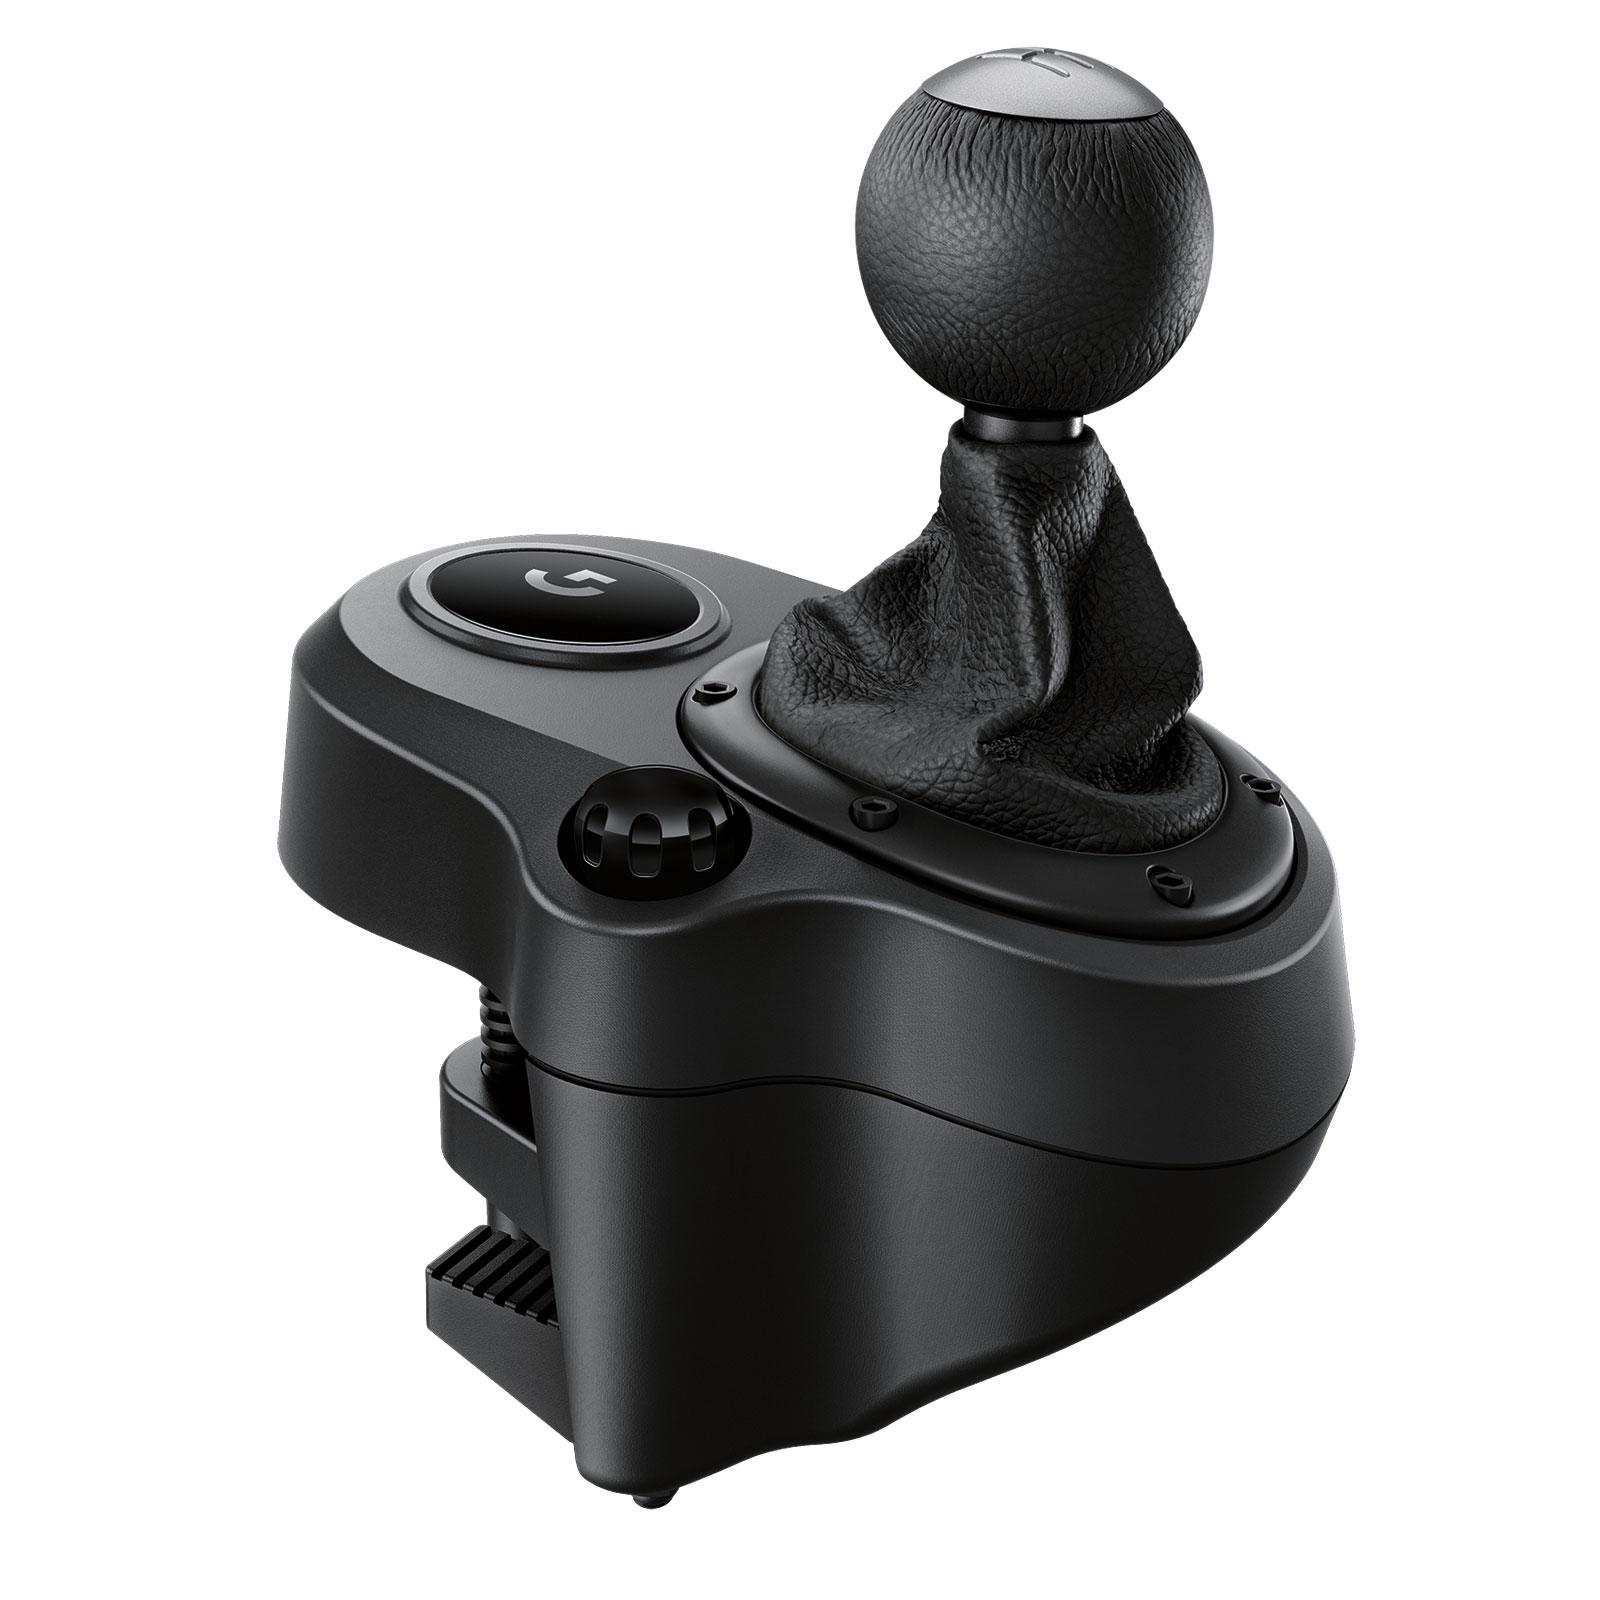 Volant PC Logitech Driving Force Shifter Boite à 6 vitesses pour Logitech G29 et G920